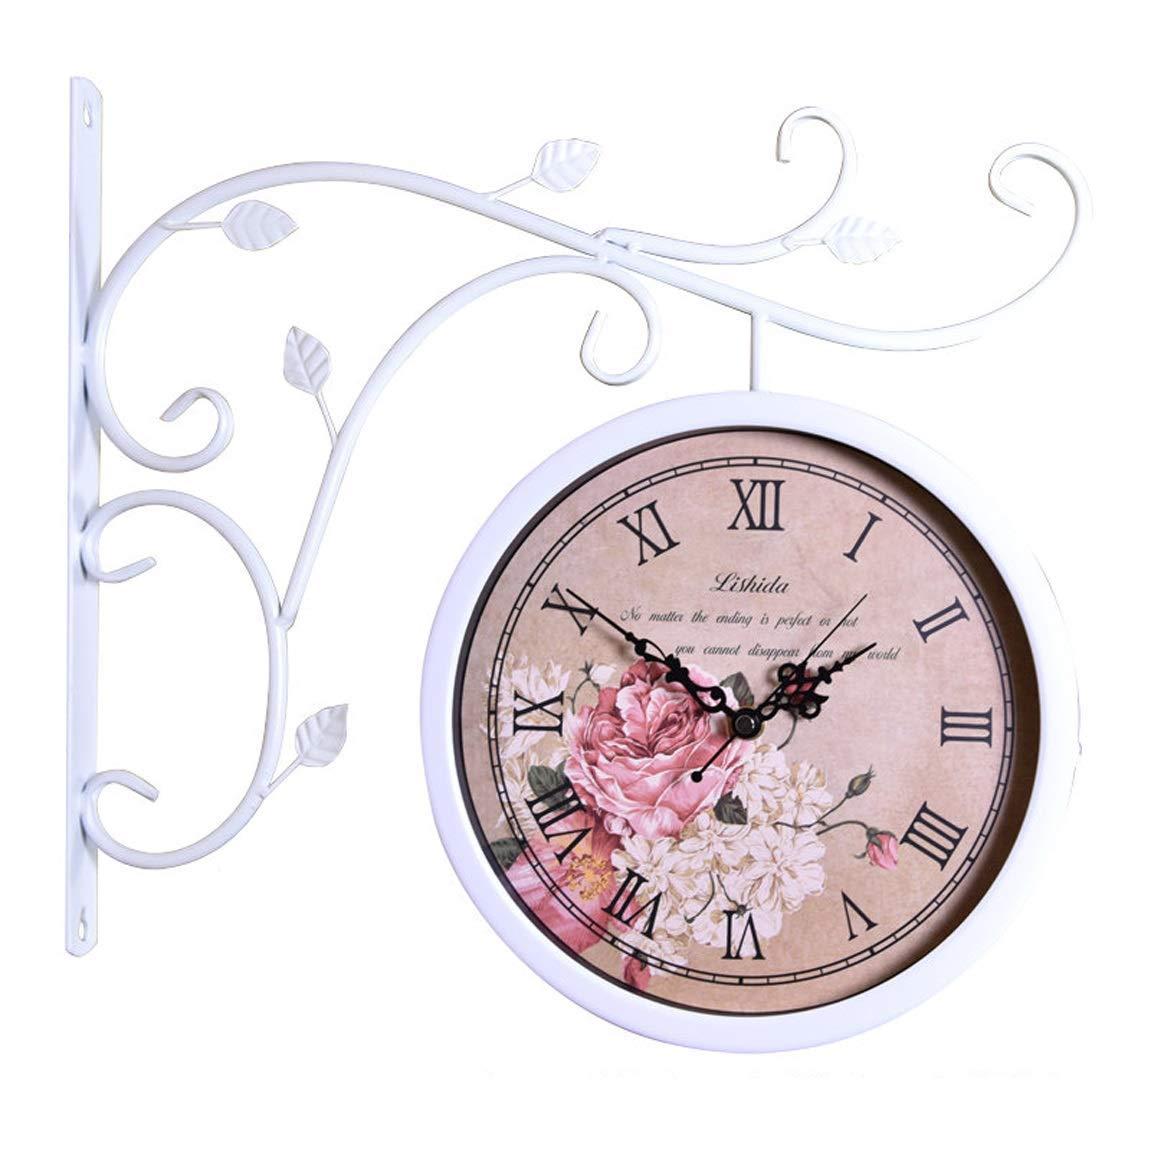 ホームデコレーションクリエイティブパーソナリティウォールクロックJYT、 レトロな壁時計サイレントヨーロッパ両面時計アメリカの農村リビングルームの壁時計クラフト時計、白2-2 ファッション雑貨   B07RDJVLD5